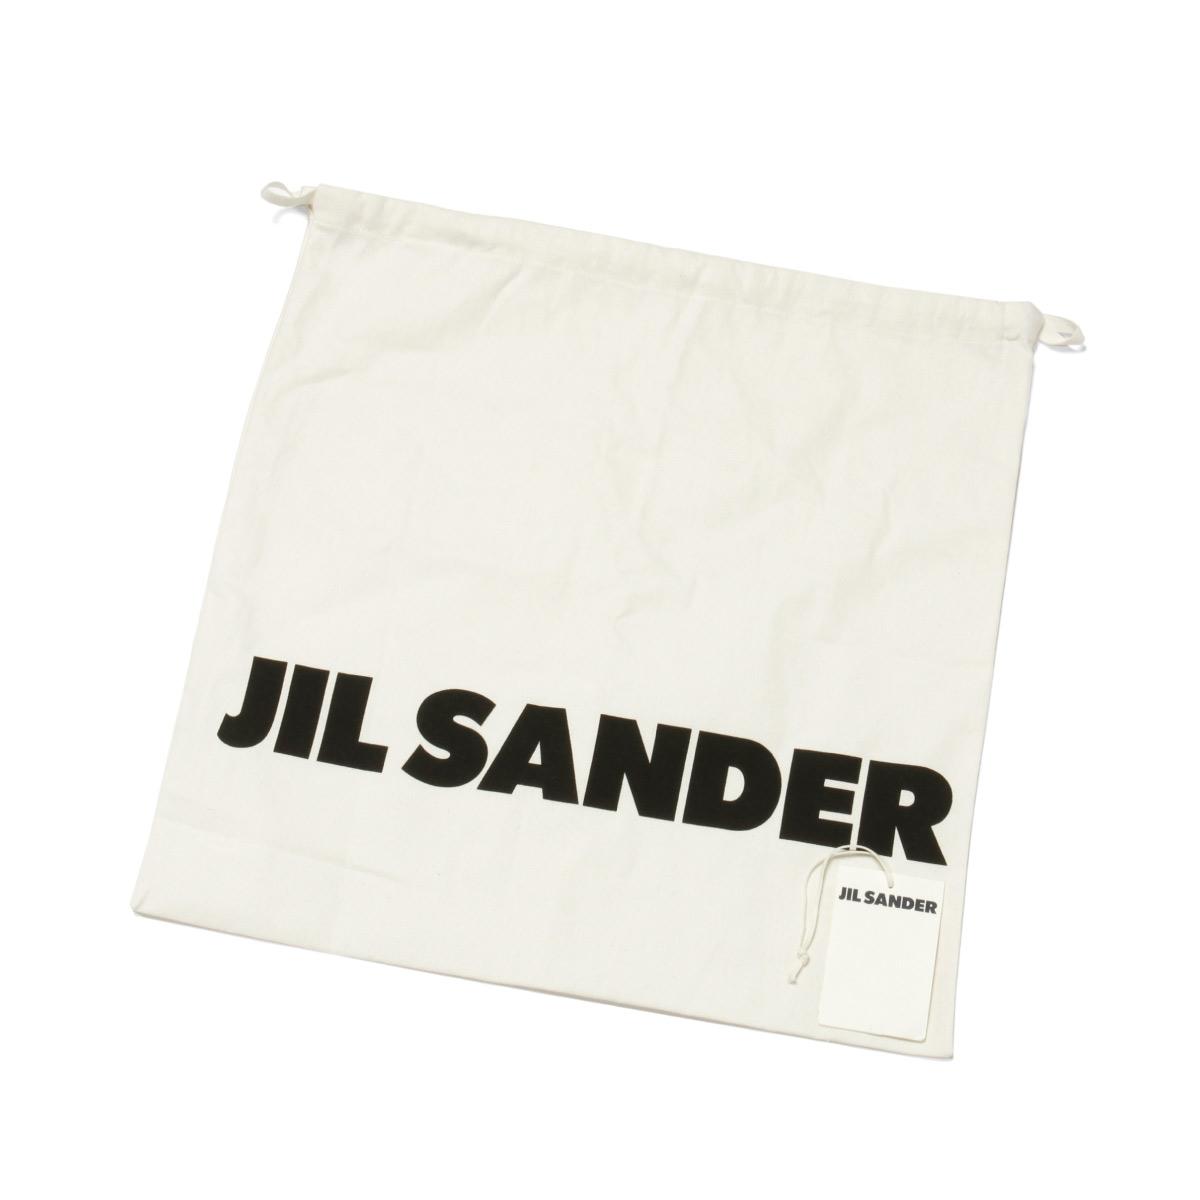 JIL SANDER ジル サンダー | ショルダーバッグ | TANGLE タングル